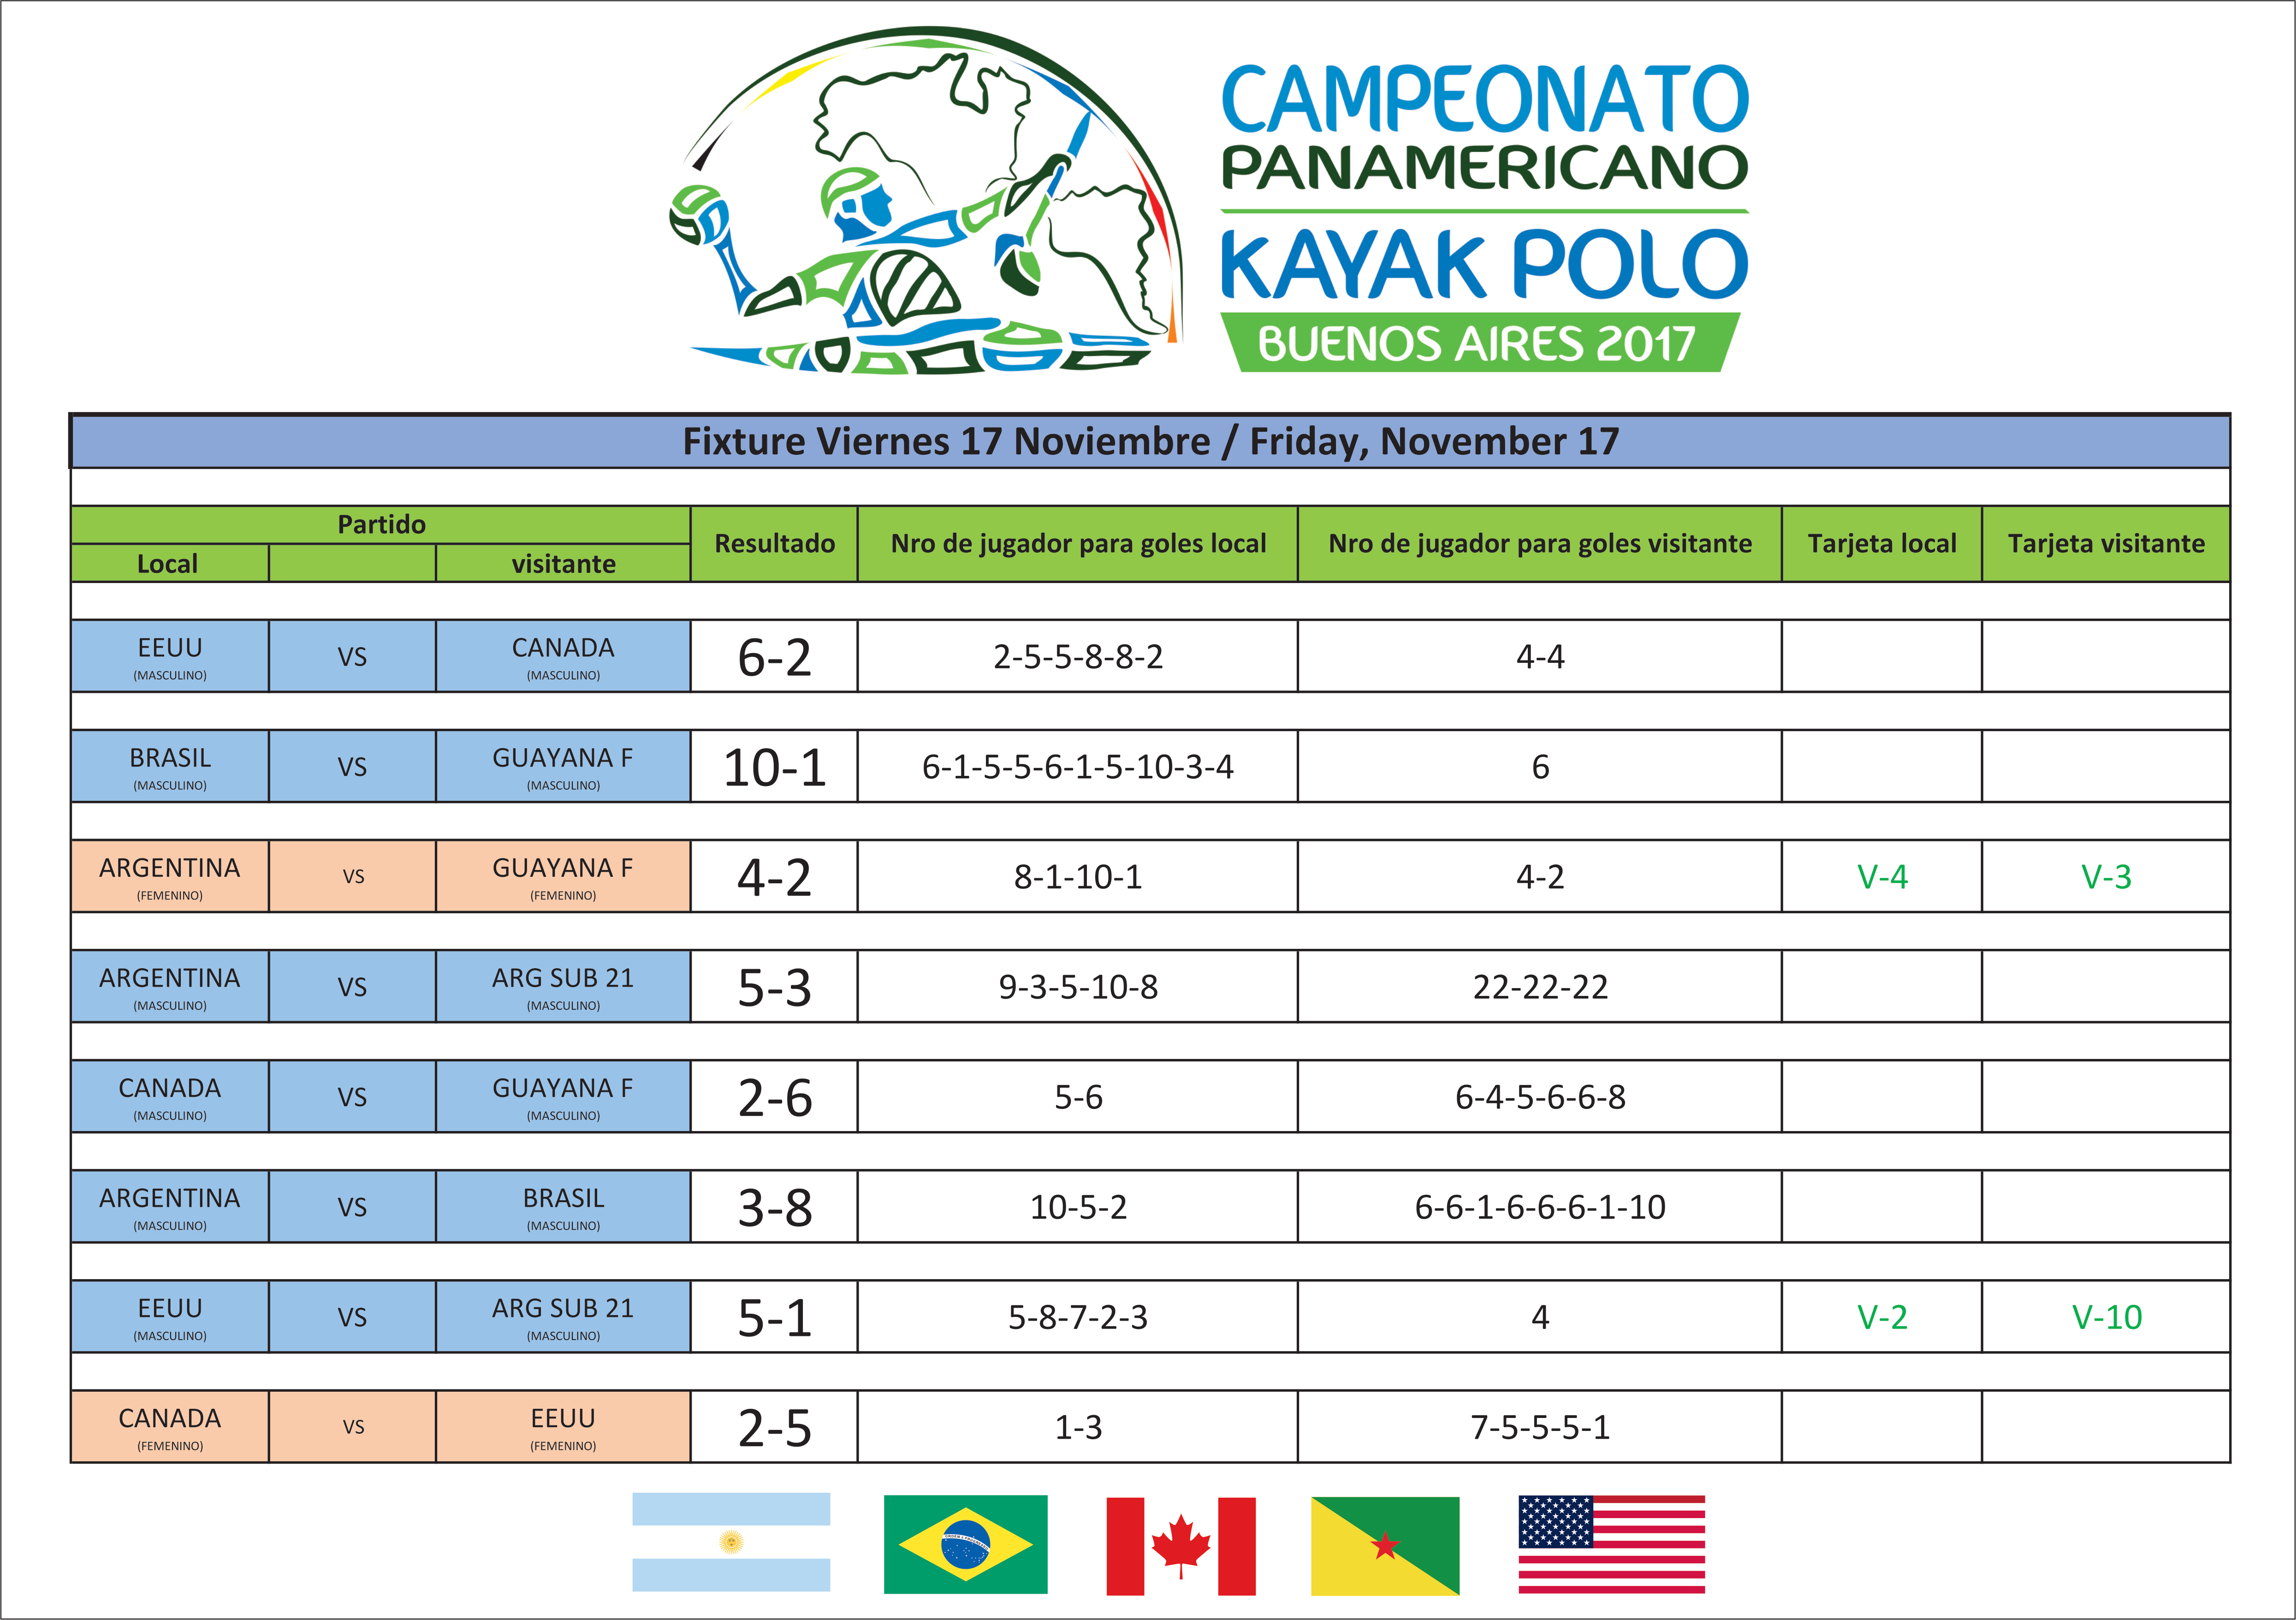 Viernes - Panamericano Kayak Polo